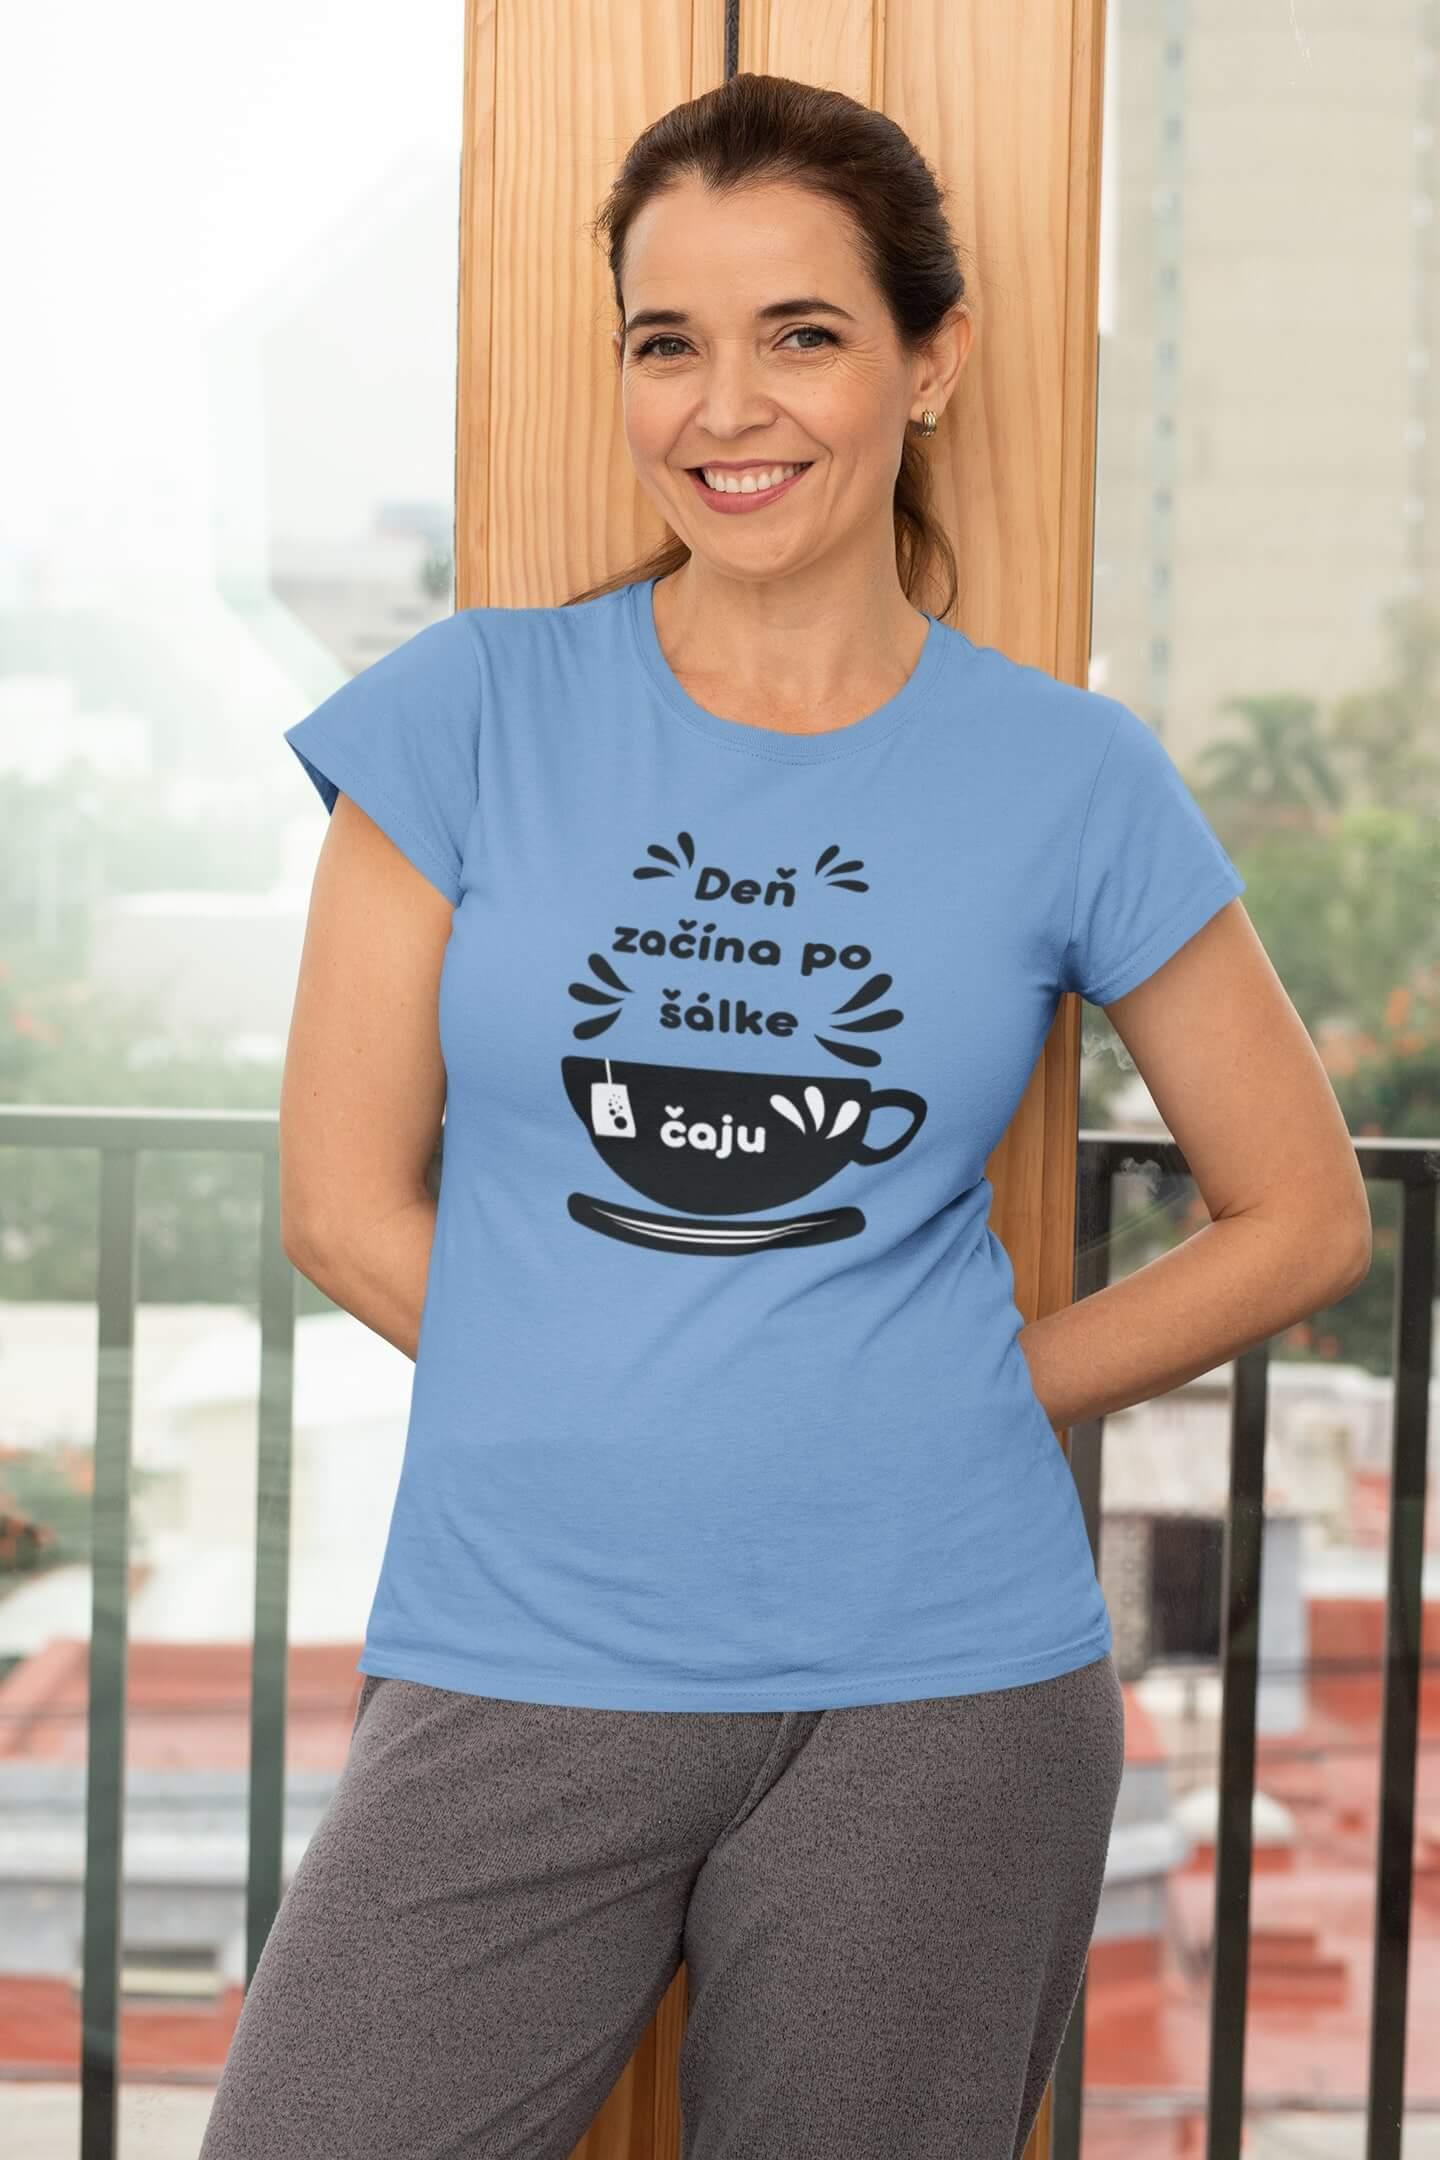 MMO Dámske tričko Šálka čaju Vyberte farbu: Svetlomodrá, Dámska veľkosť: S